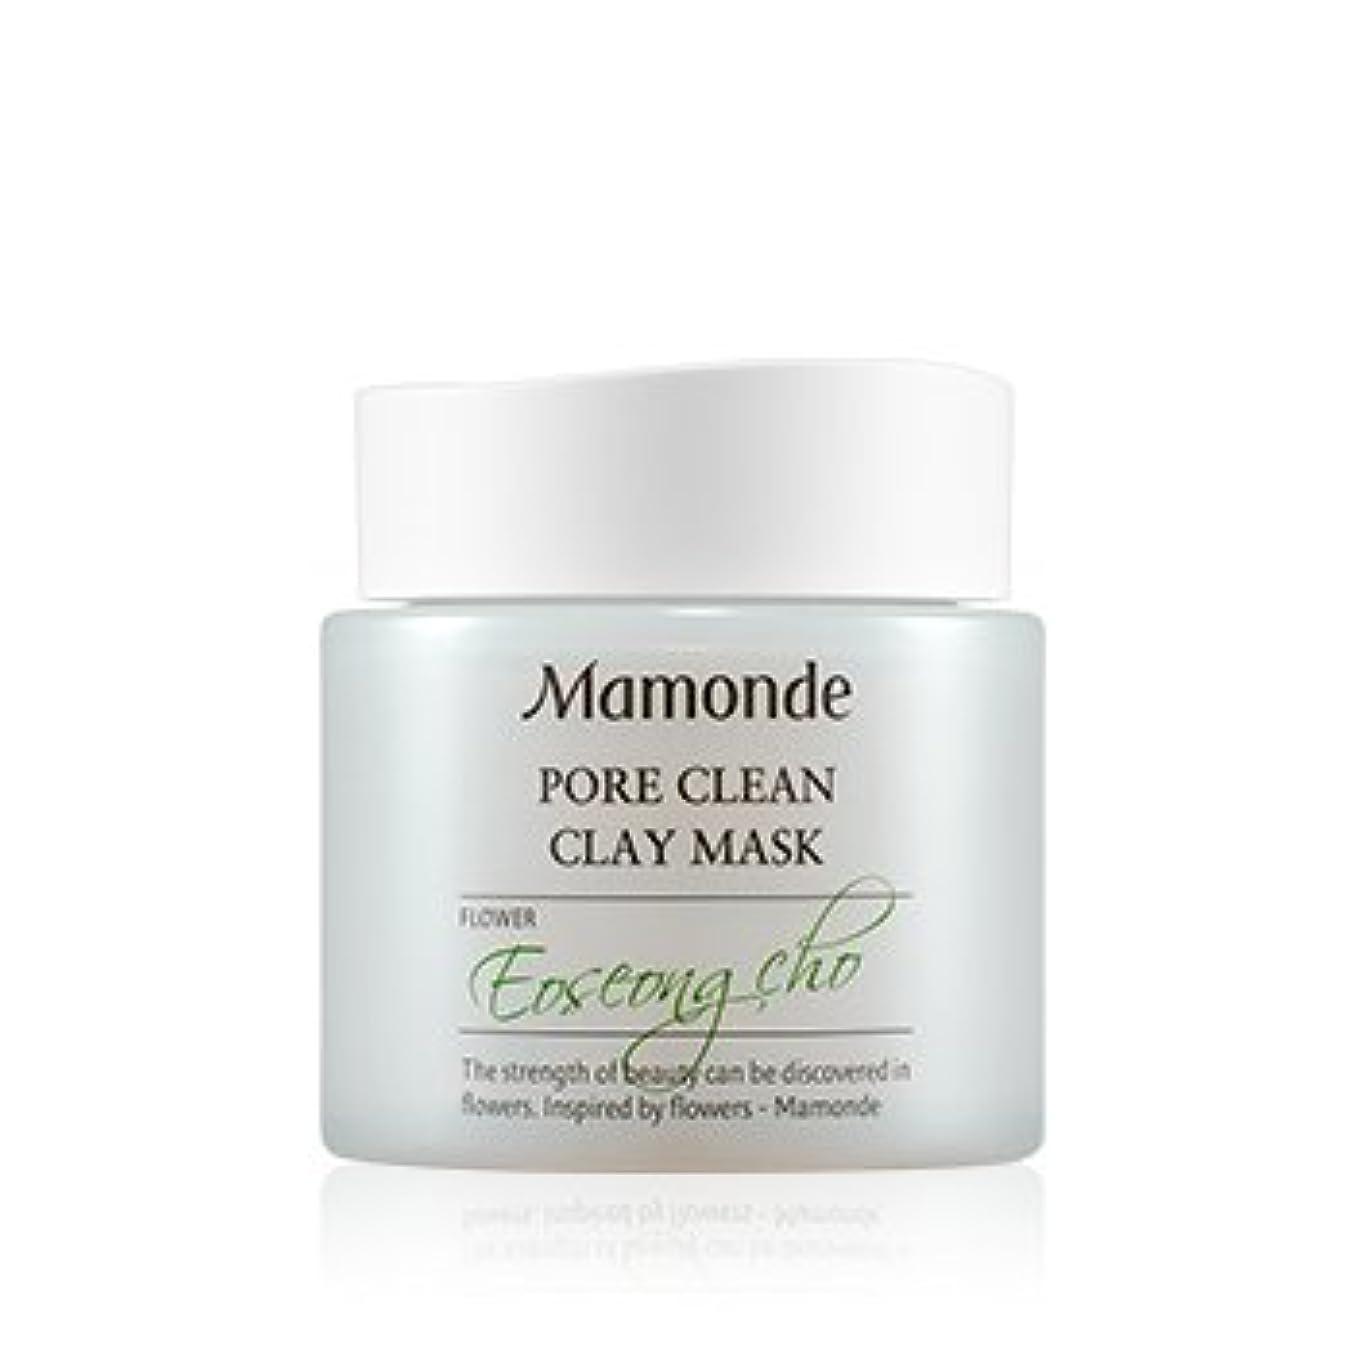 解釈刈る衝動[New] Mamonde Pore Clean Clay Mask 100ml/マモンド ポア クリーン クレイ マスク 100ml [並行輸入品]